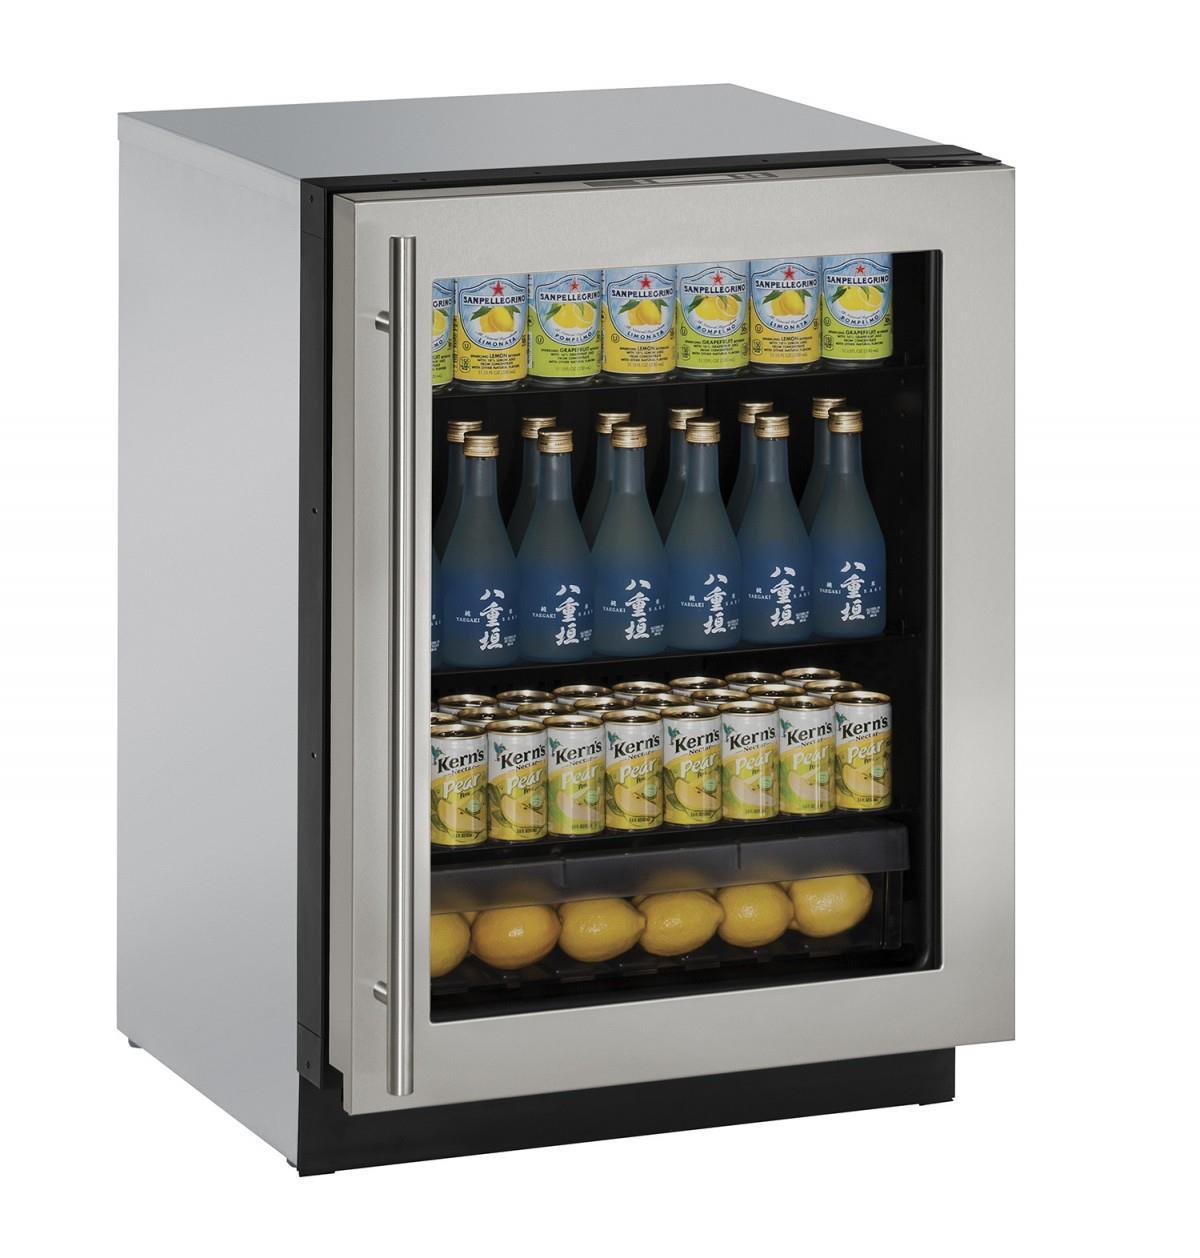 """U-Line Refrigerators 24"""" Glass Door Compact Refrigerator - Item Number: U-3024RGLS-00A"""